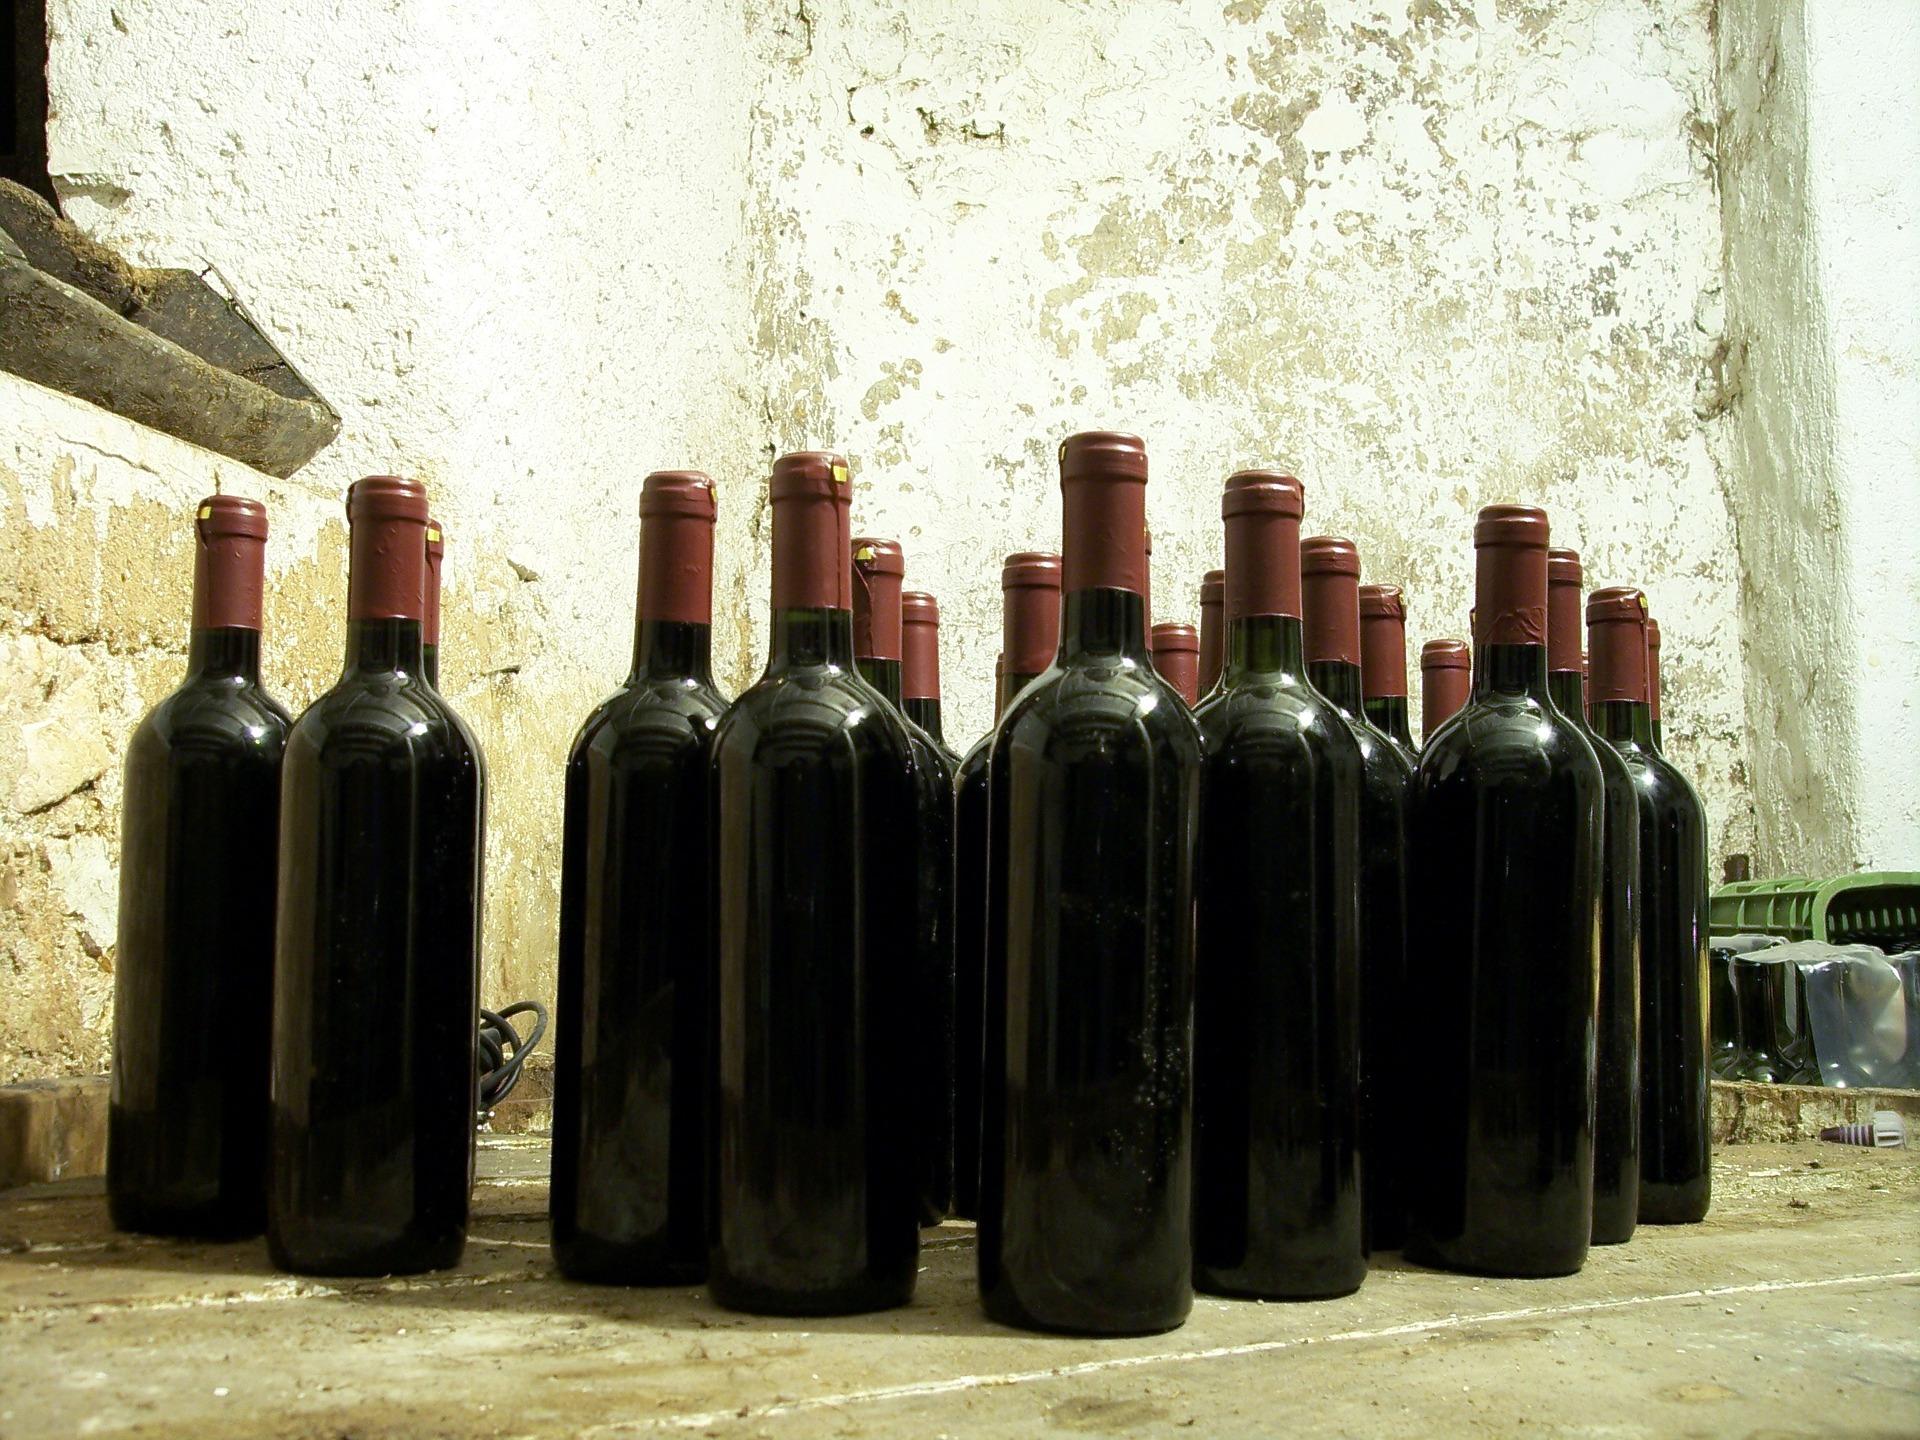 Grands vins pourquoi faut-il les faire vieillir